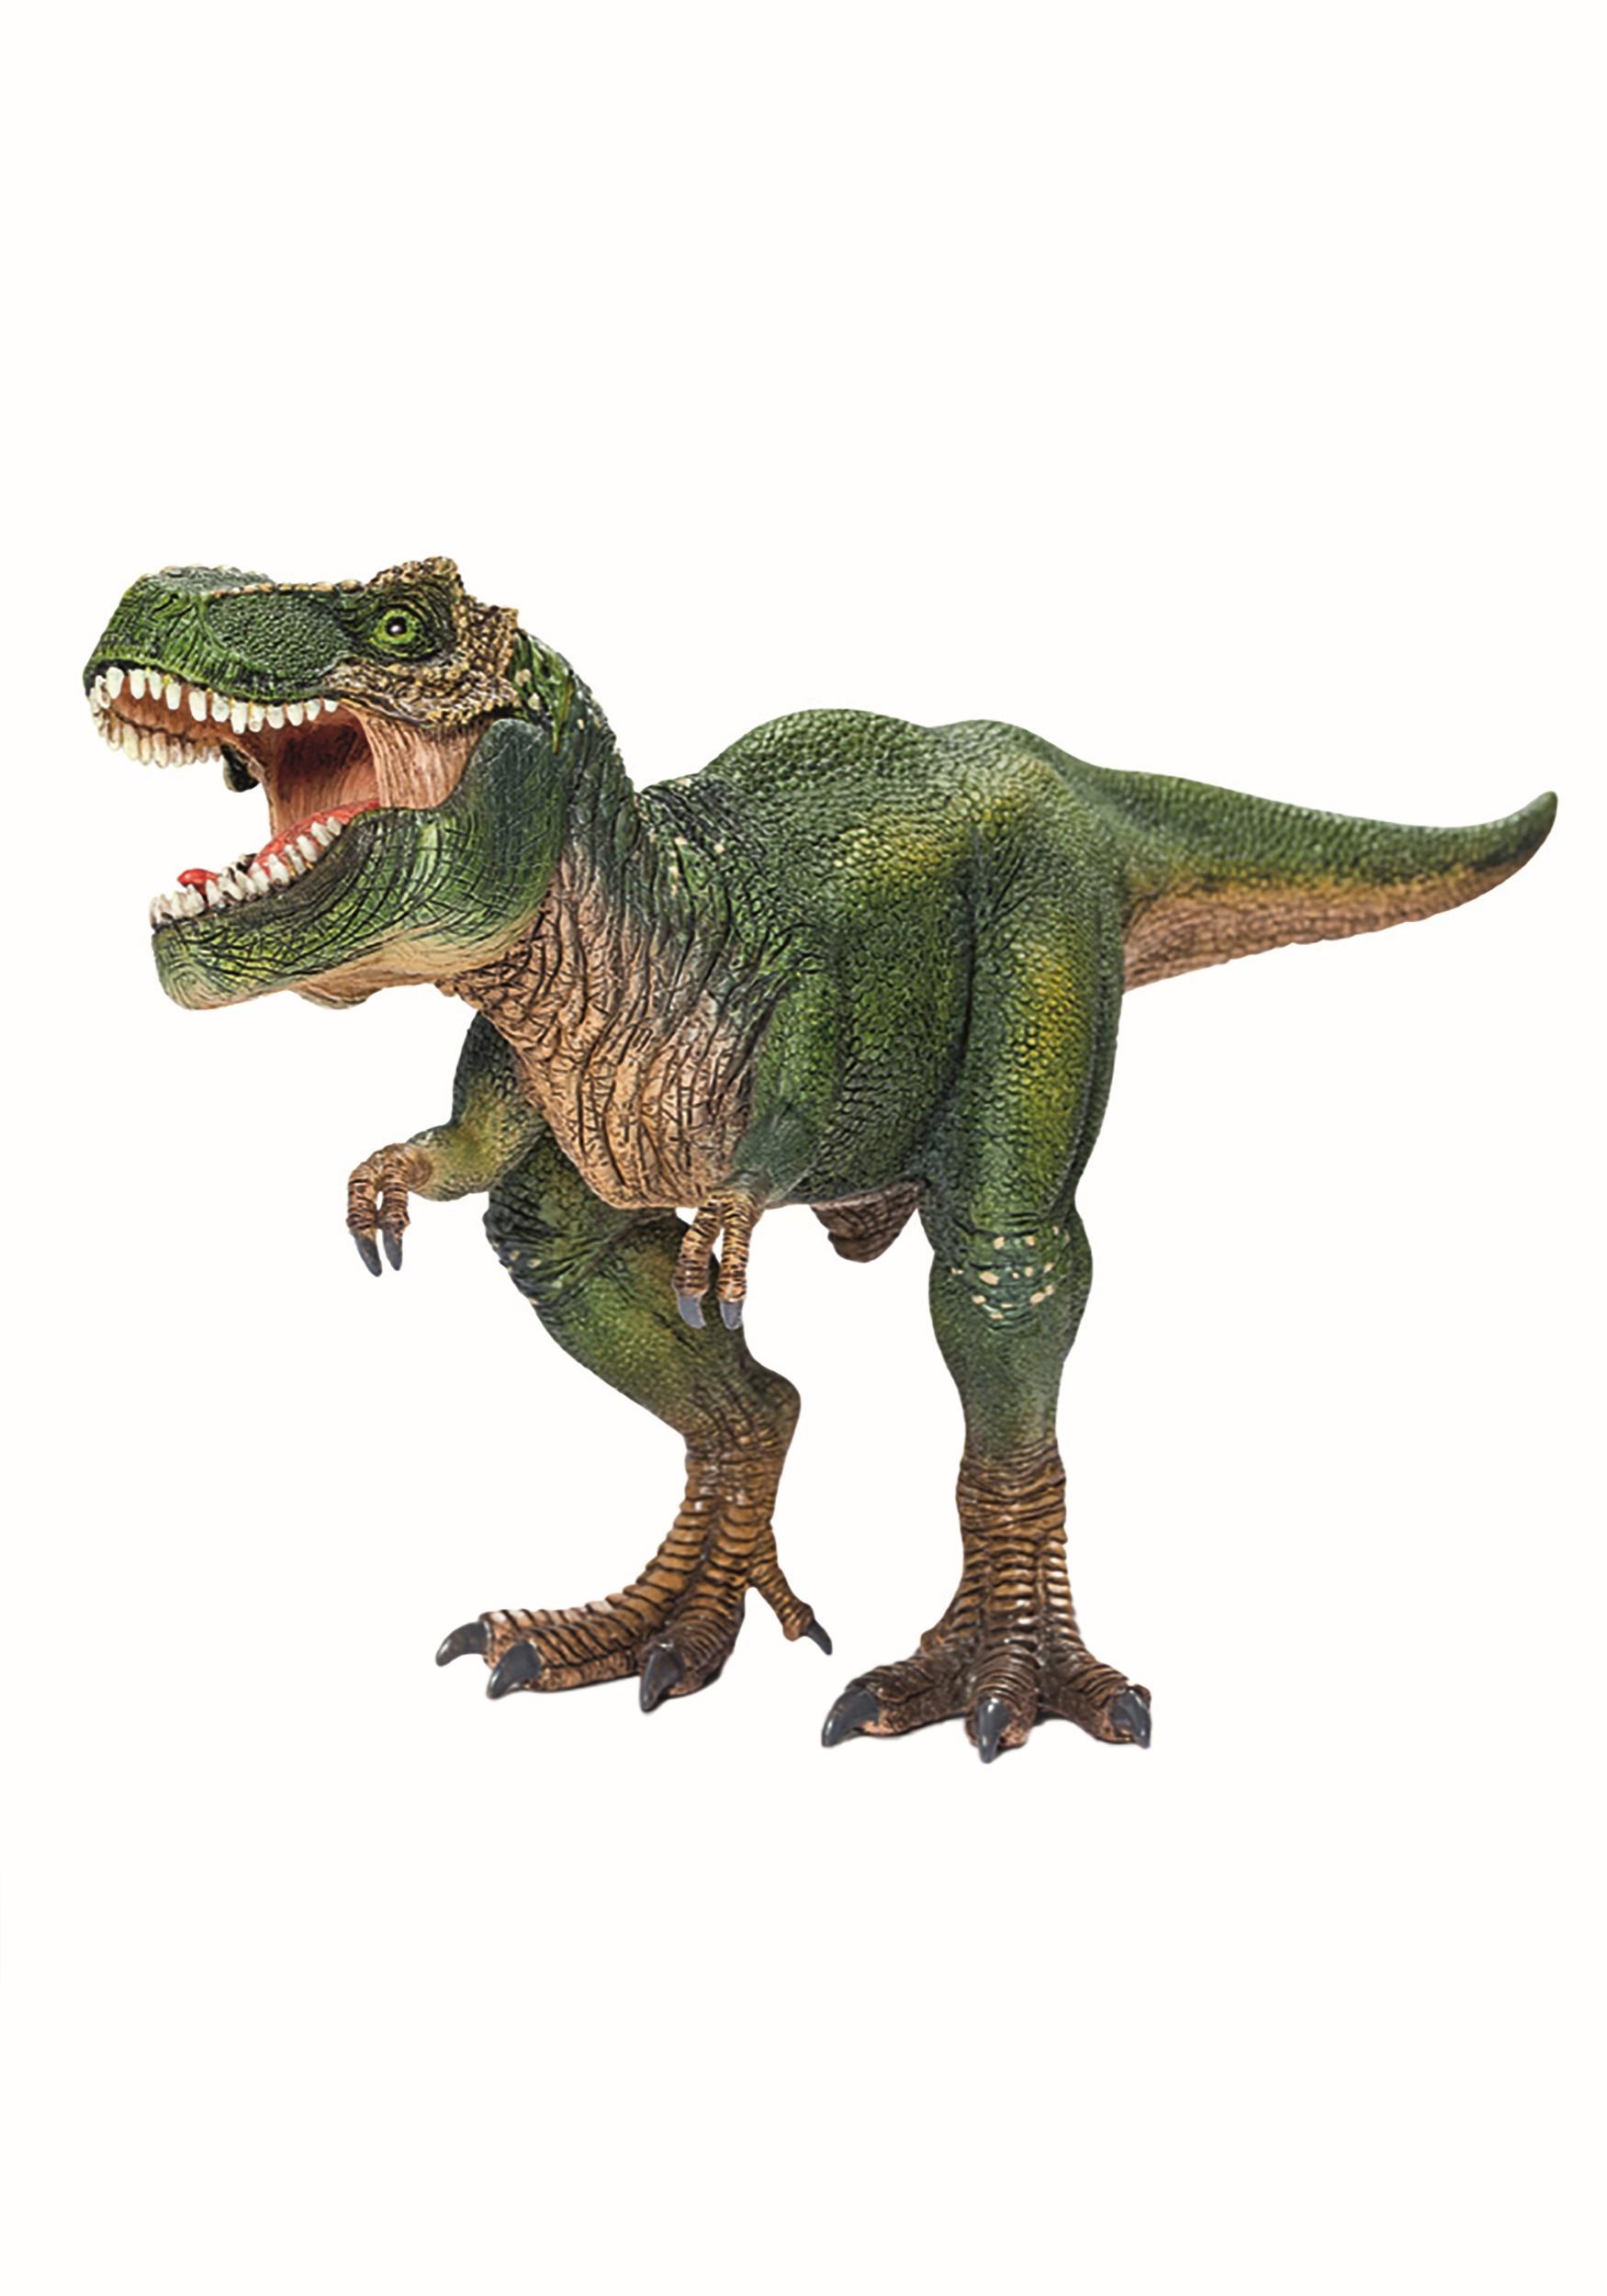 Tyrannosaurus Rex Dinosaur Action Figure